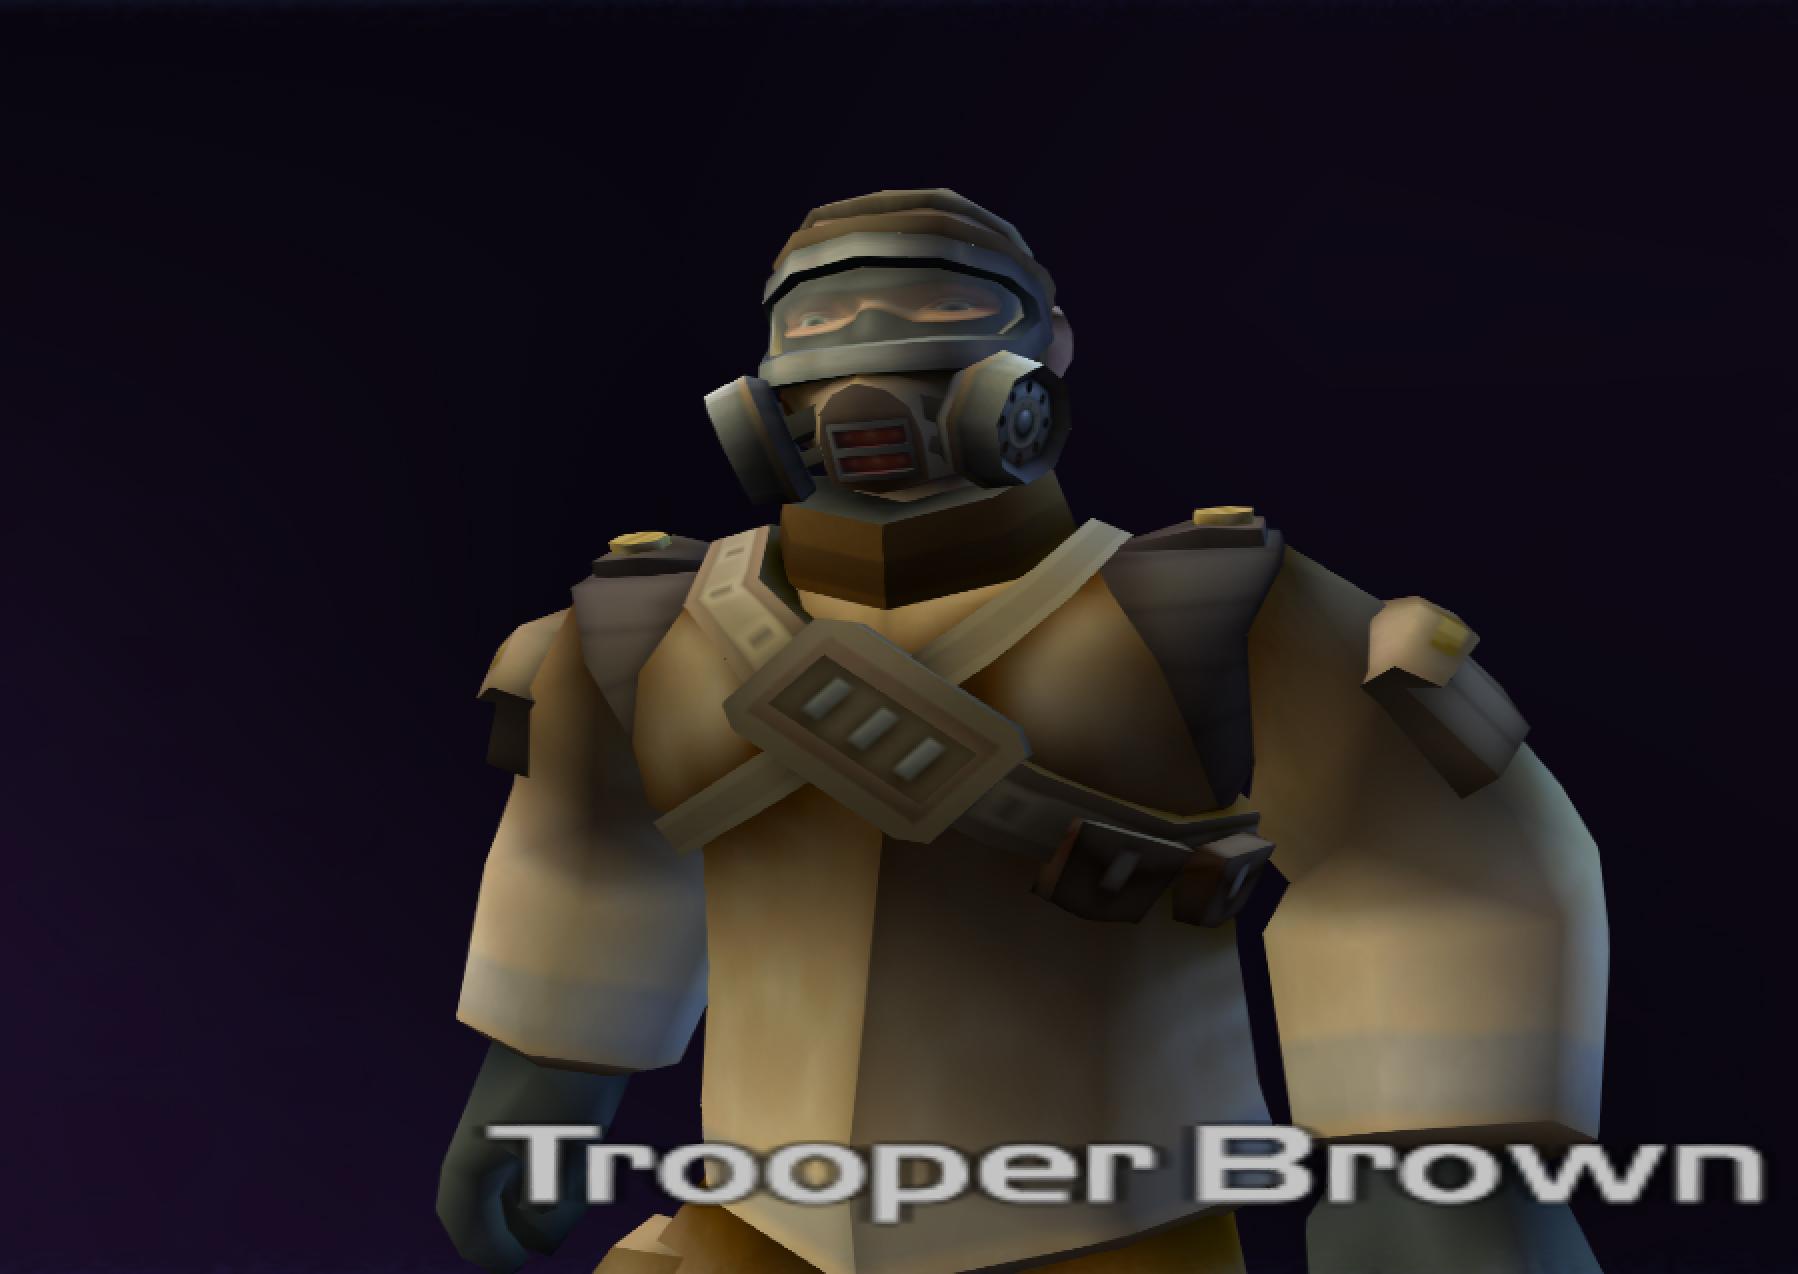 Trooper Brown